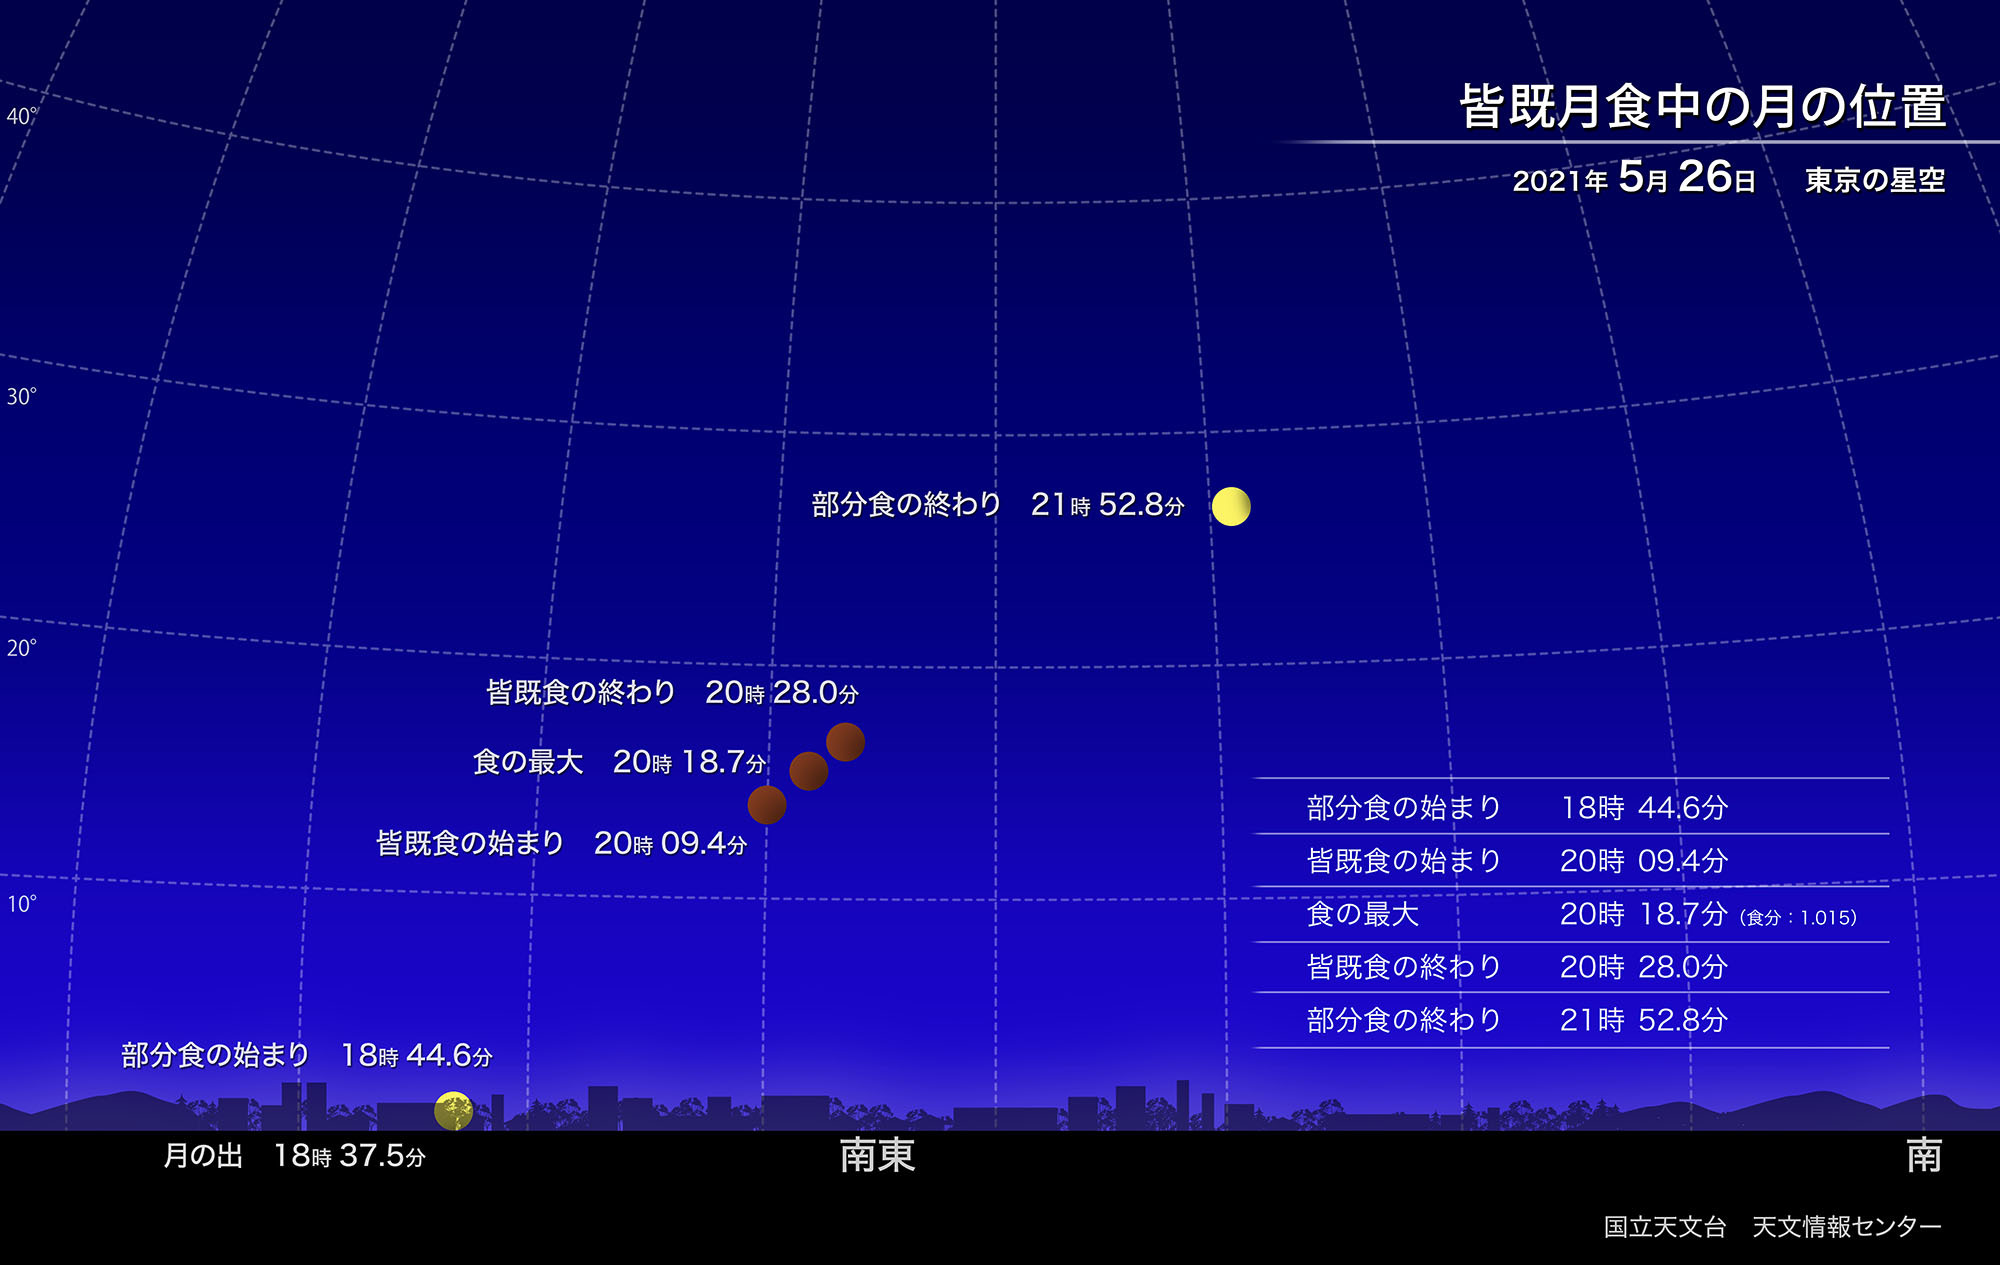 20210526皆既月食-1L